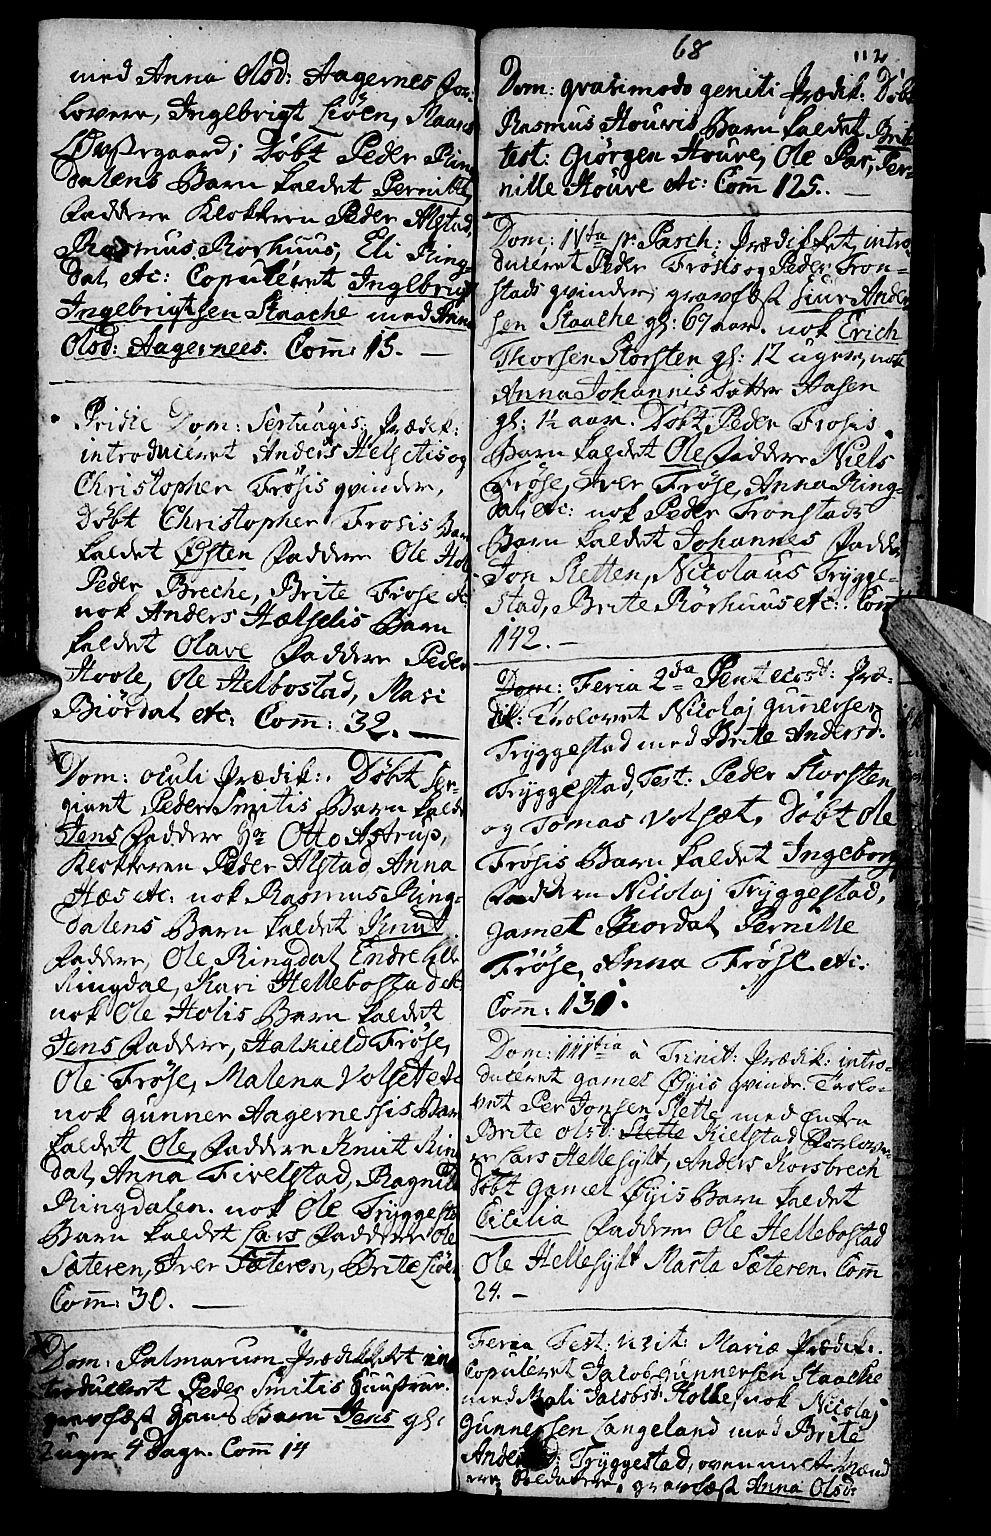 SAT, Ministerialprotokoller, klokkerbøker og fødselsregistre - Møre og Romsdal, 519/L0243: Ministerialbok nr. 519A02, 1760-1770, s. 112